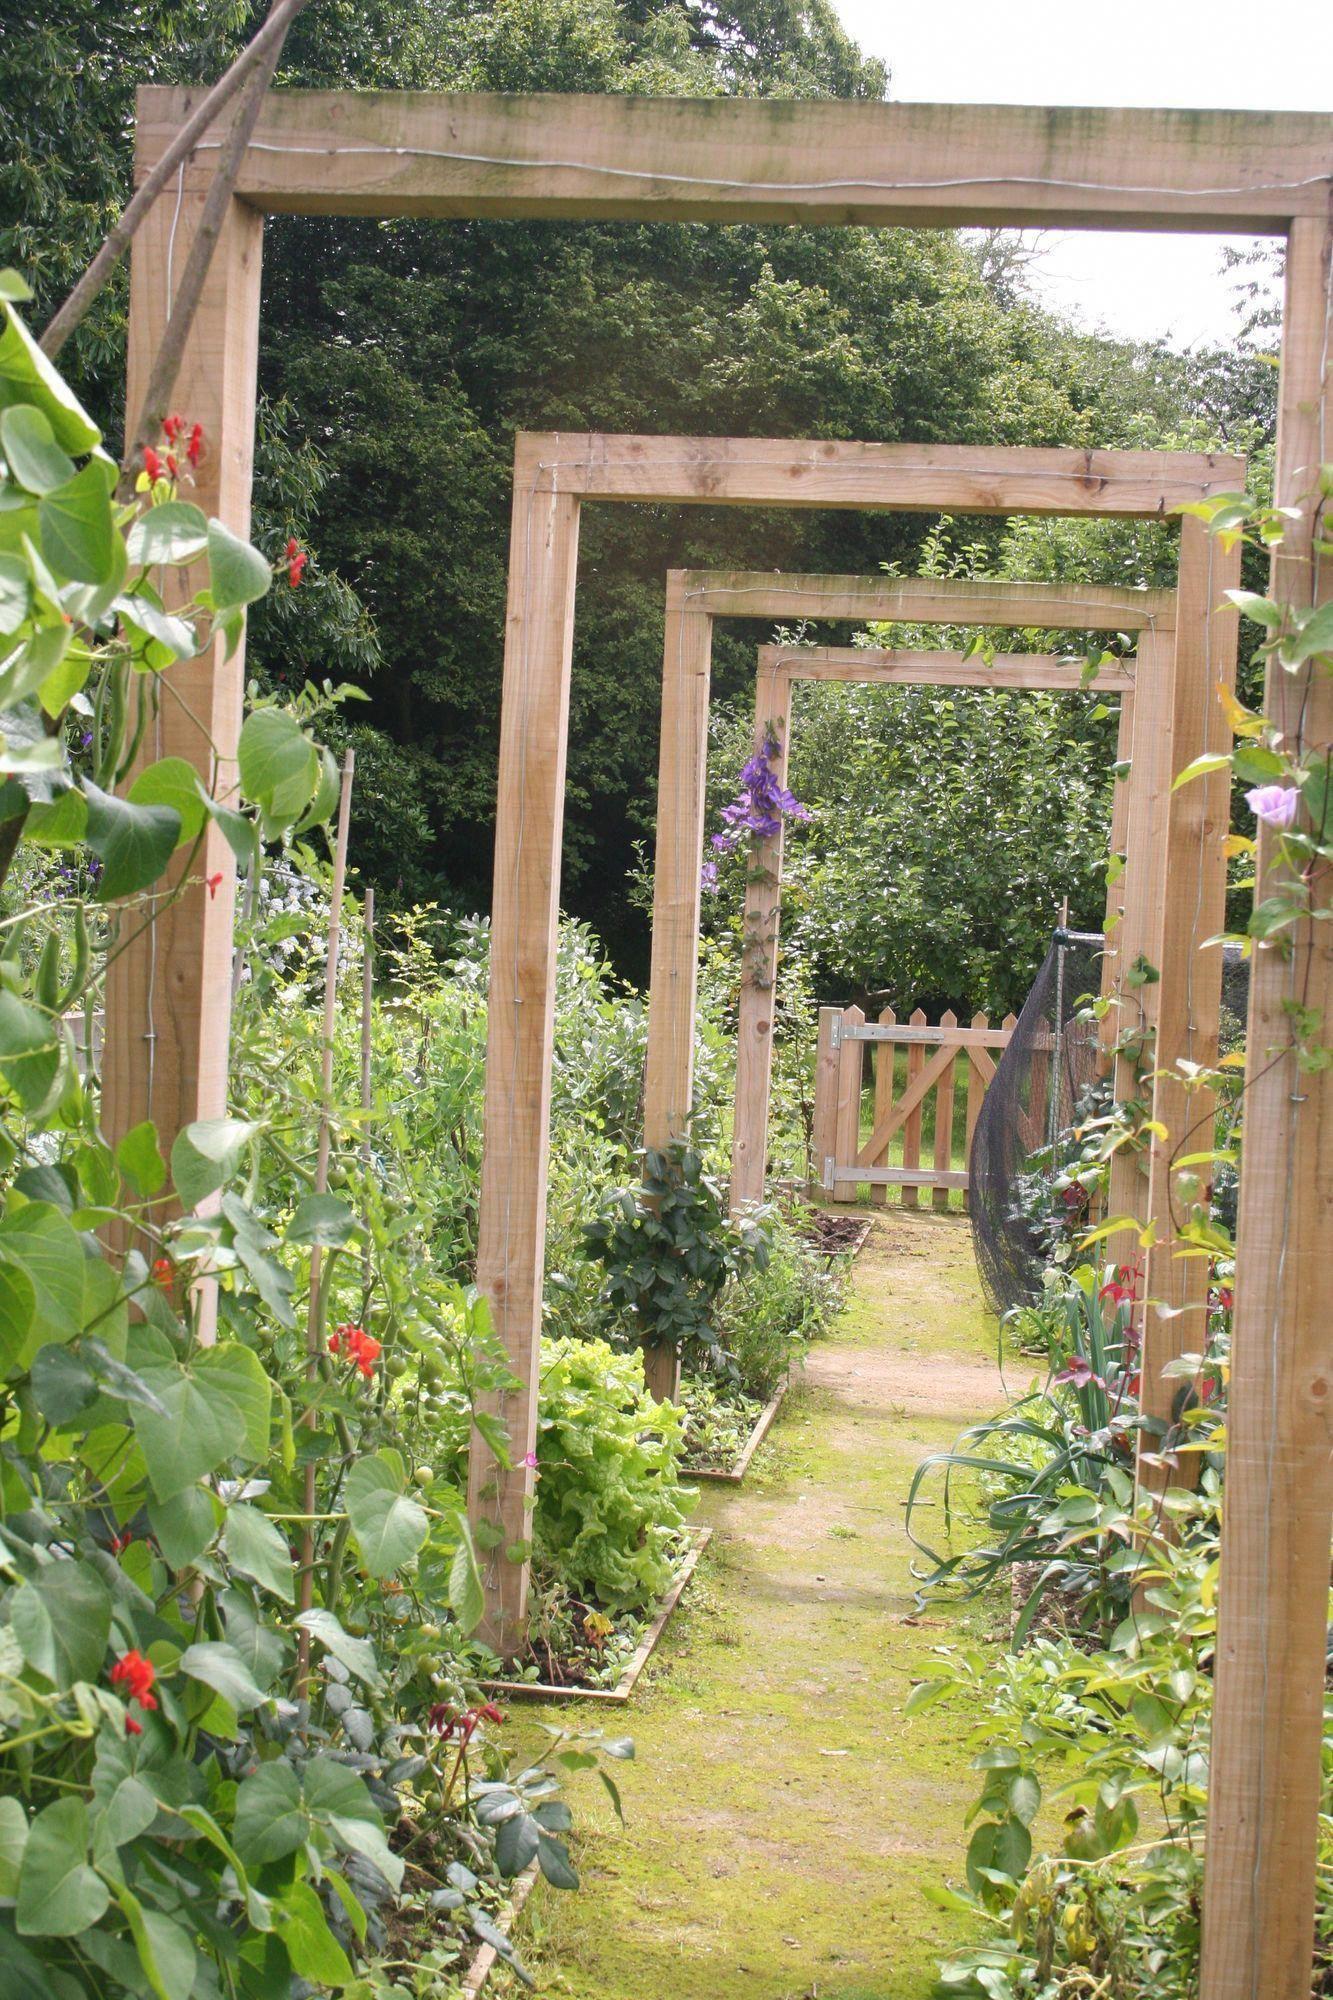 More Ideas Indoor Outdoor Kitchen Garden Vegetables Kitchen Garden Layout Hydroponic Kitchen Garden Designs Diy Small Kitchen Garden Kitche Kebun Hidup Desain Outdoor kitchen garden ideas